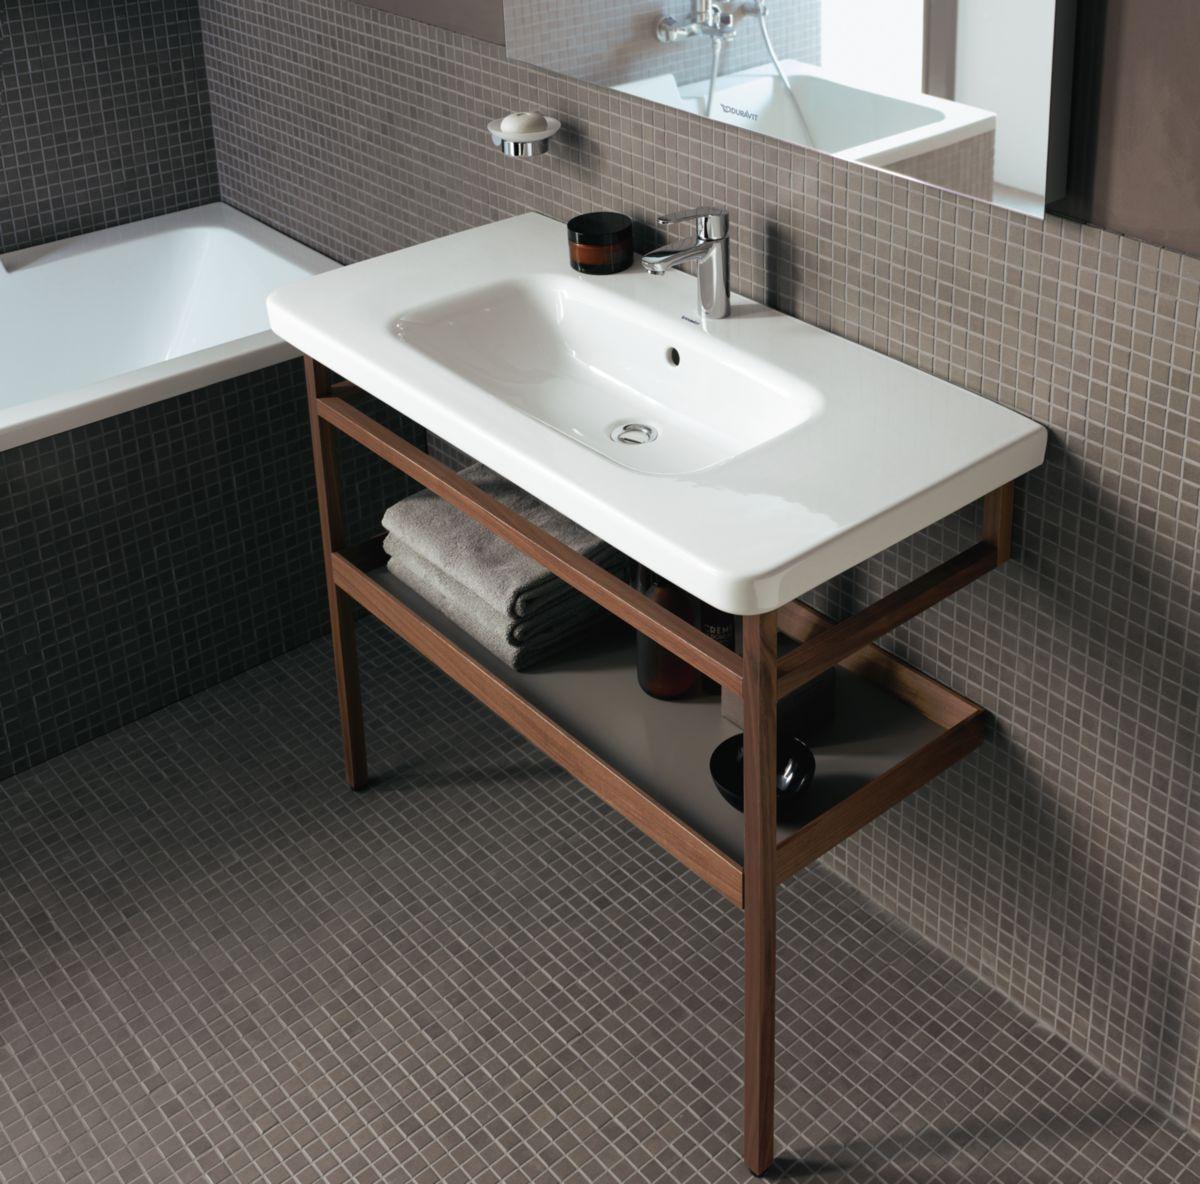 Extracteur Salle De Bain Silencieux Leroy Merlin ~ lavabo pour meuble 100 cm durastyle blanc r f 2320100000 duravit